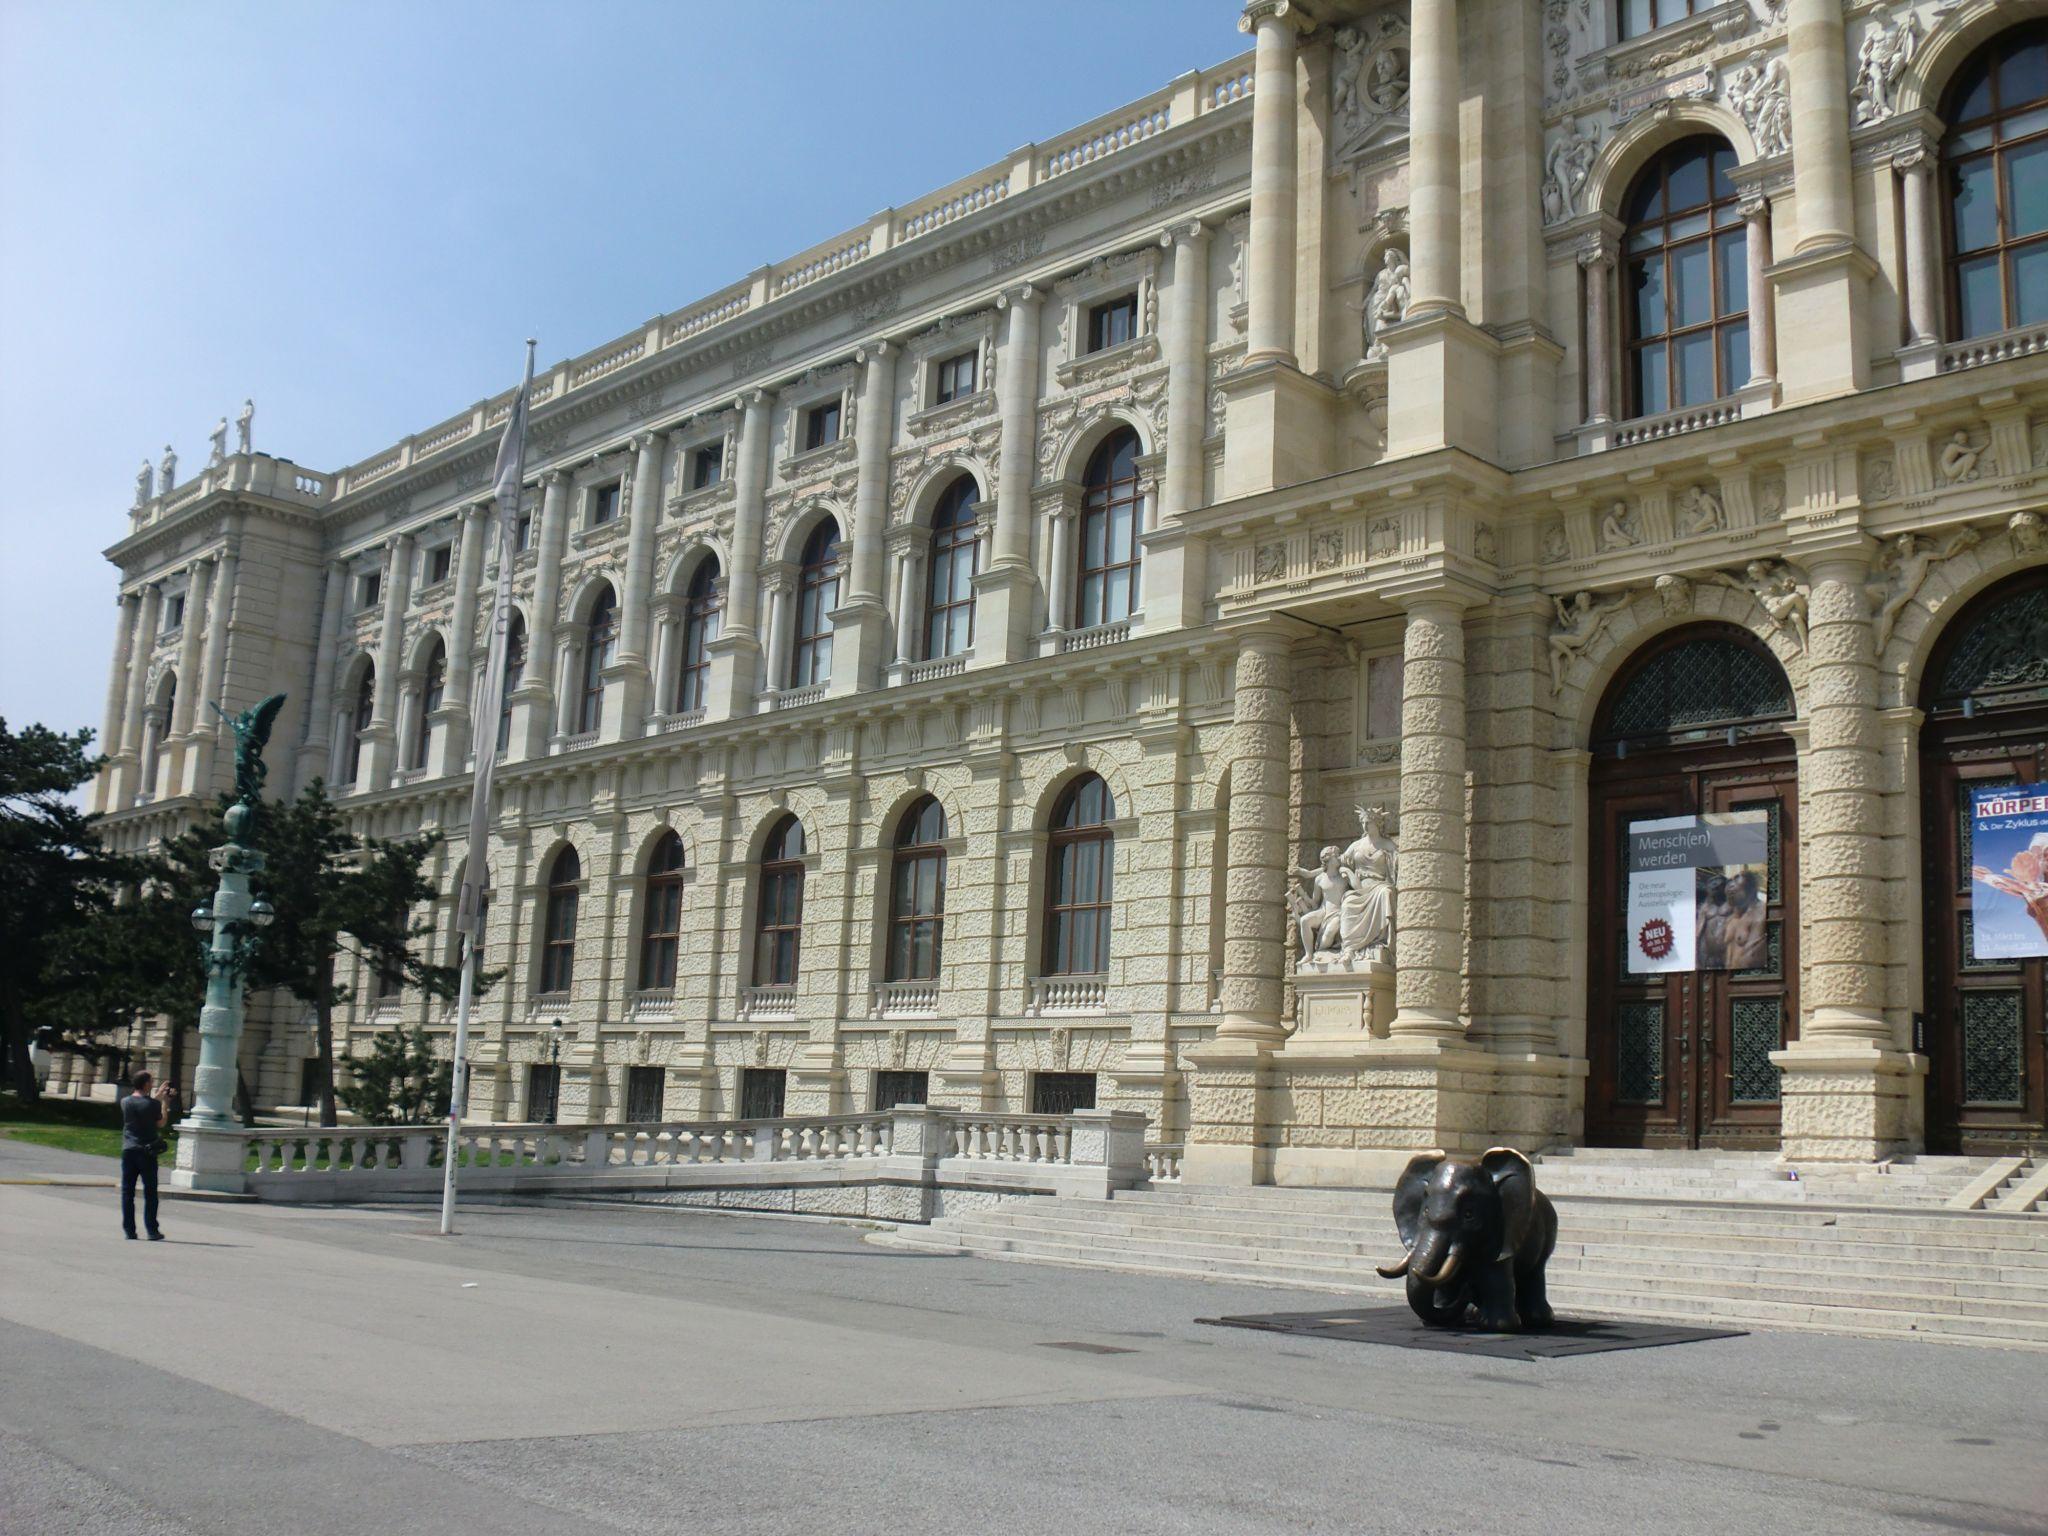 Vienna institutions 20 1440x1080 - Vienna: elegant beauty